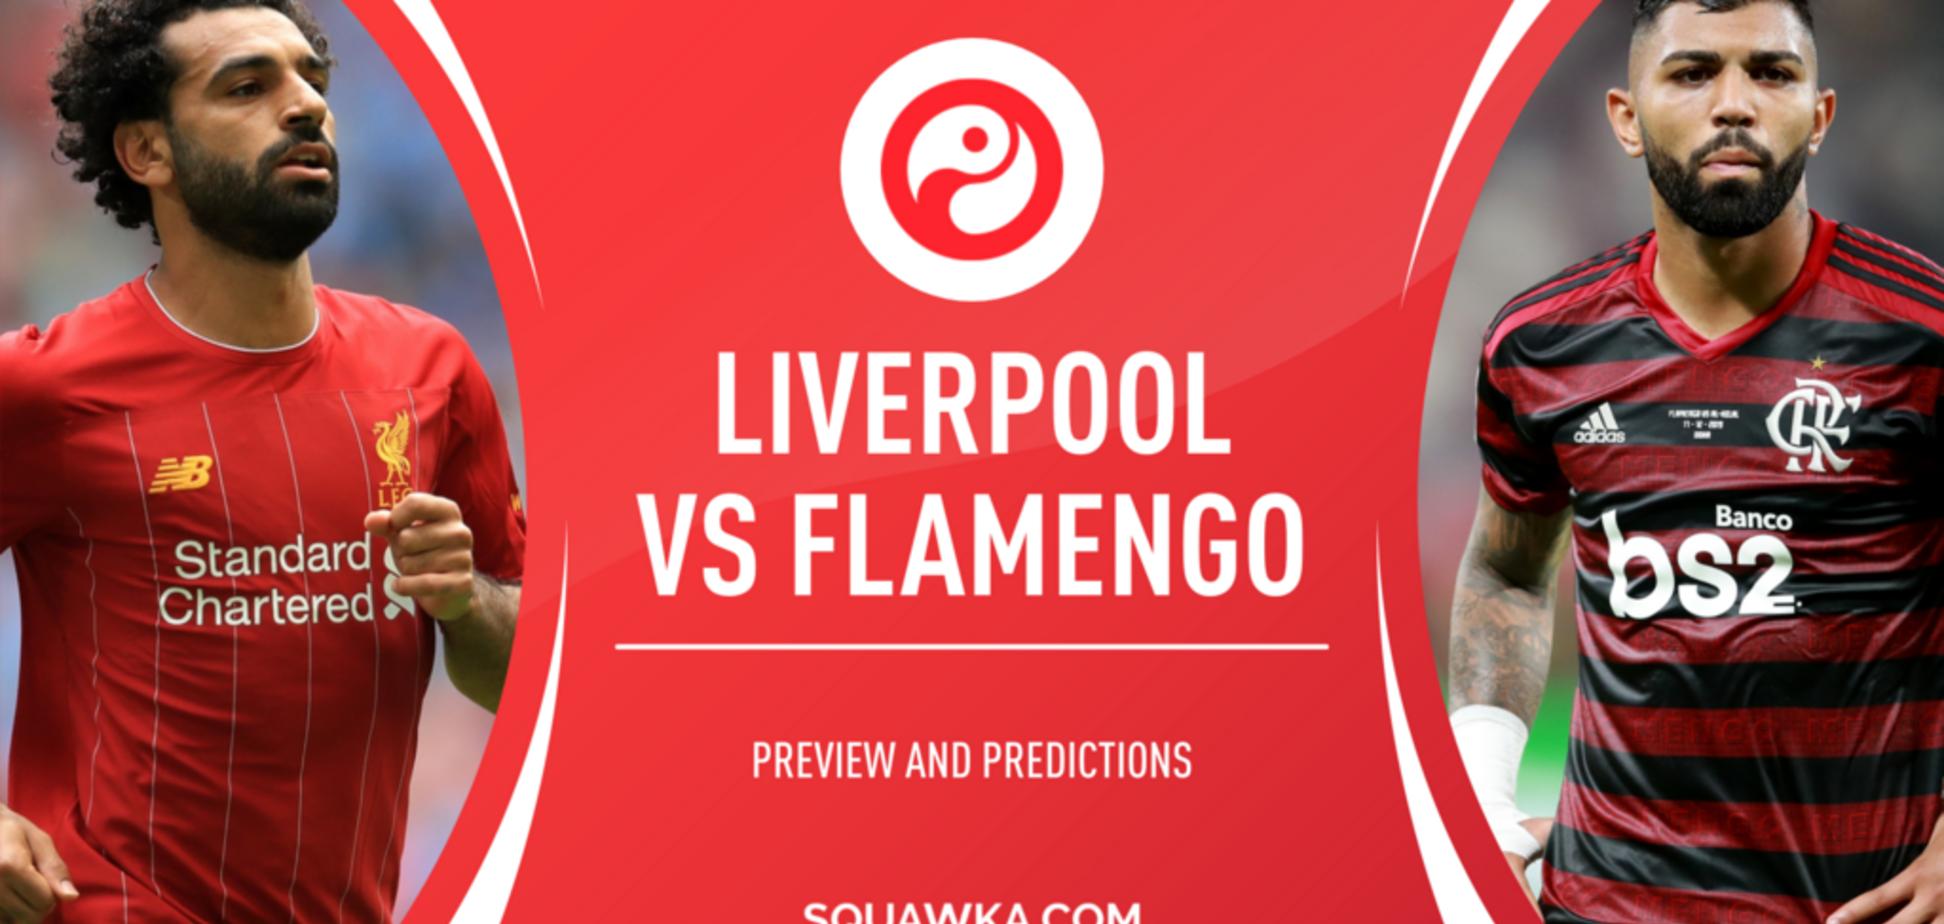 Де дивитися онлайн Ліверпуль - Фламенго: розклад трансляцій фіналу Клубного ЧС